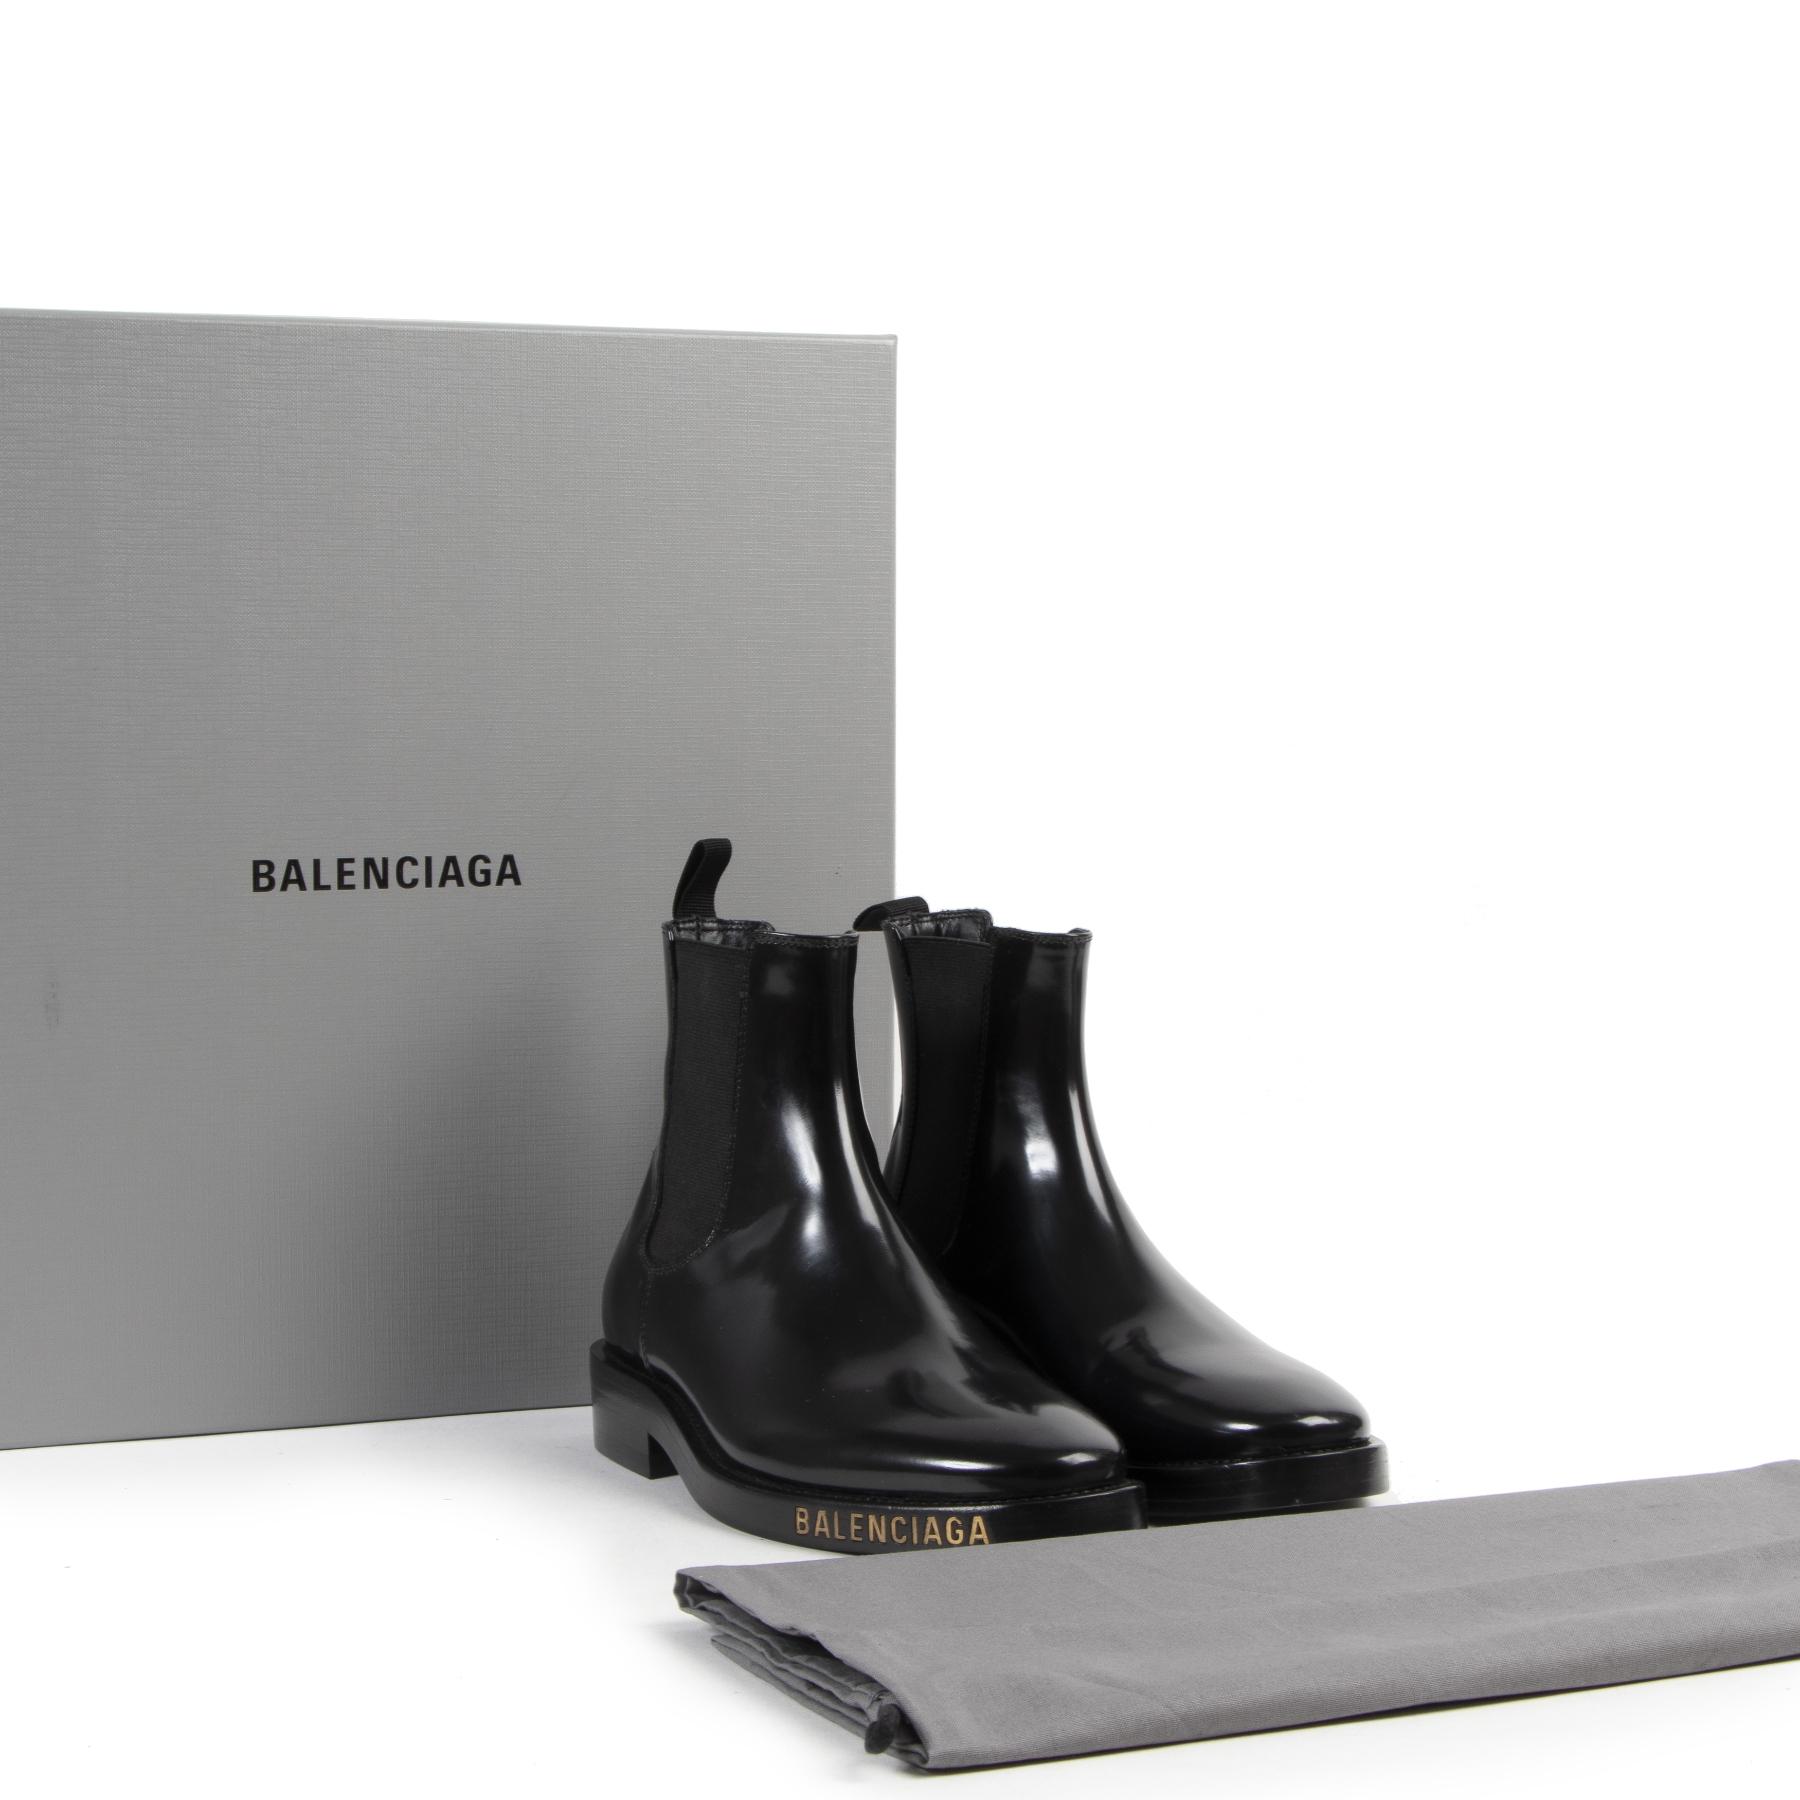 Balenciaga Black Patent Leather Chelsea Boots kopen en verkopen aan de beste prijs bij Labellov tweedehands